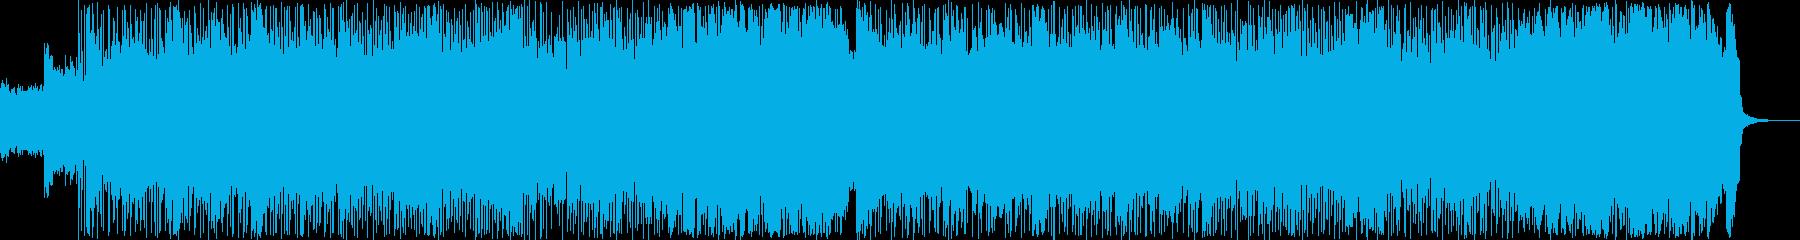 真っ直ぐで元気なポップなパンクロックの再生済みの波形